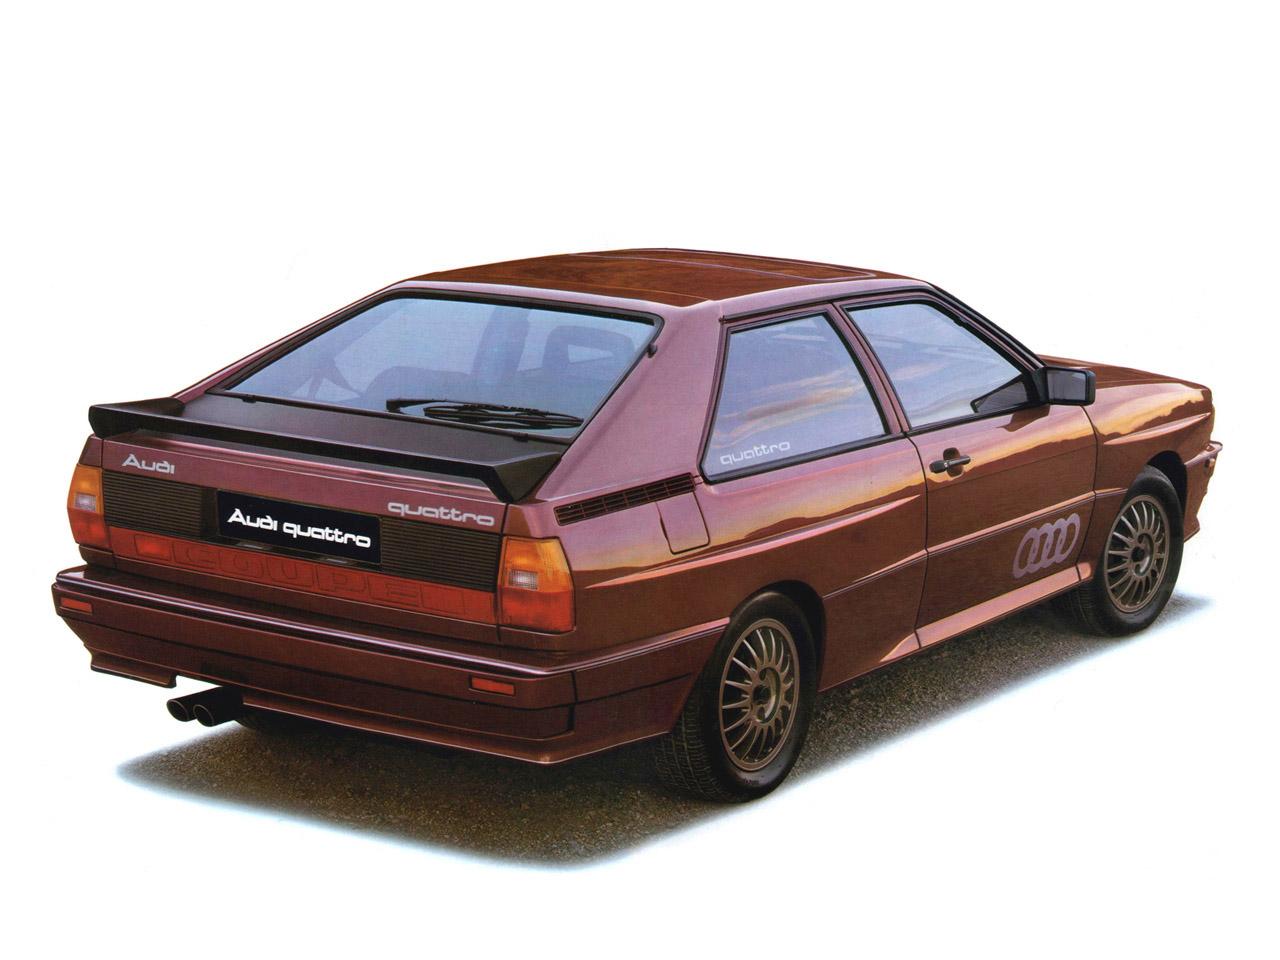 audi quattro 1980 1987 audi quattro 1980 1987 photo 13 car in pictures car photo gallery. Black Bedroom Furniture Sets. Home Design Ideas